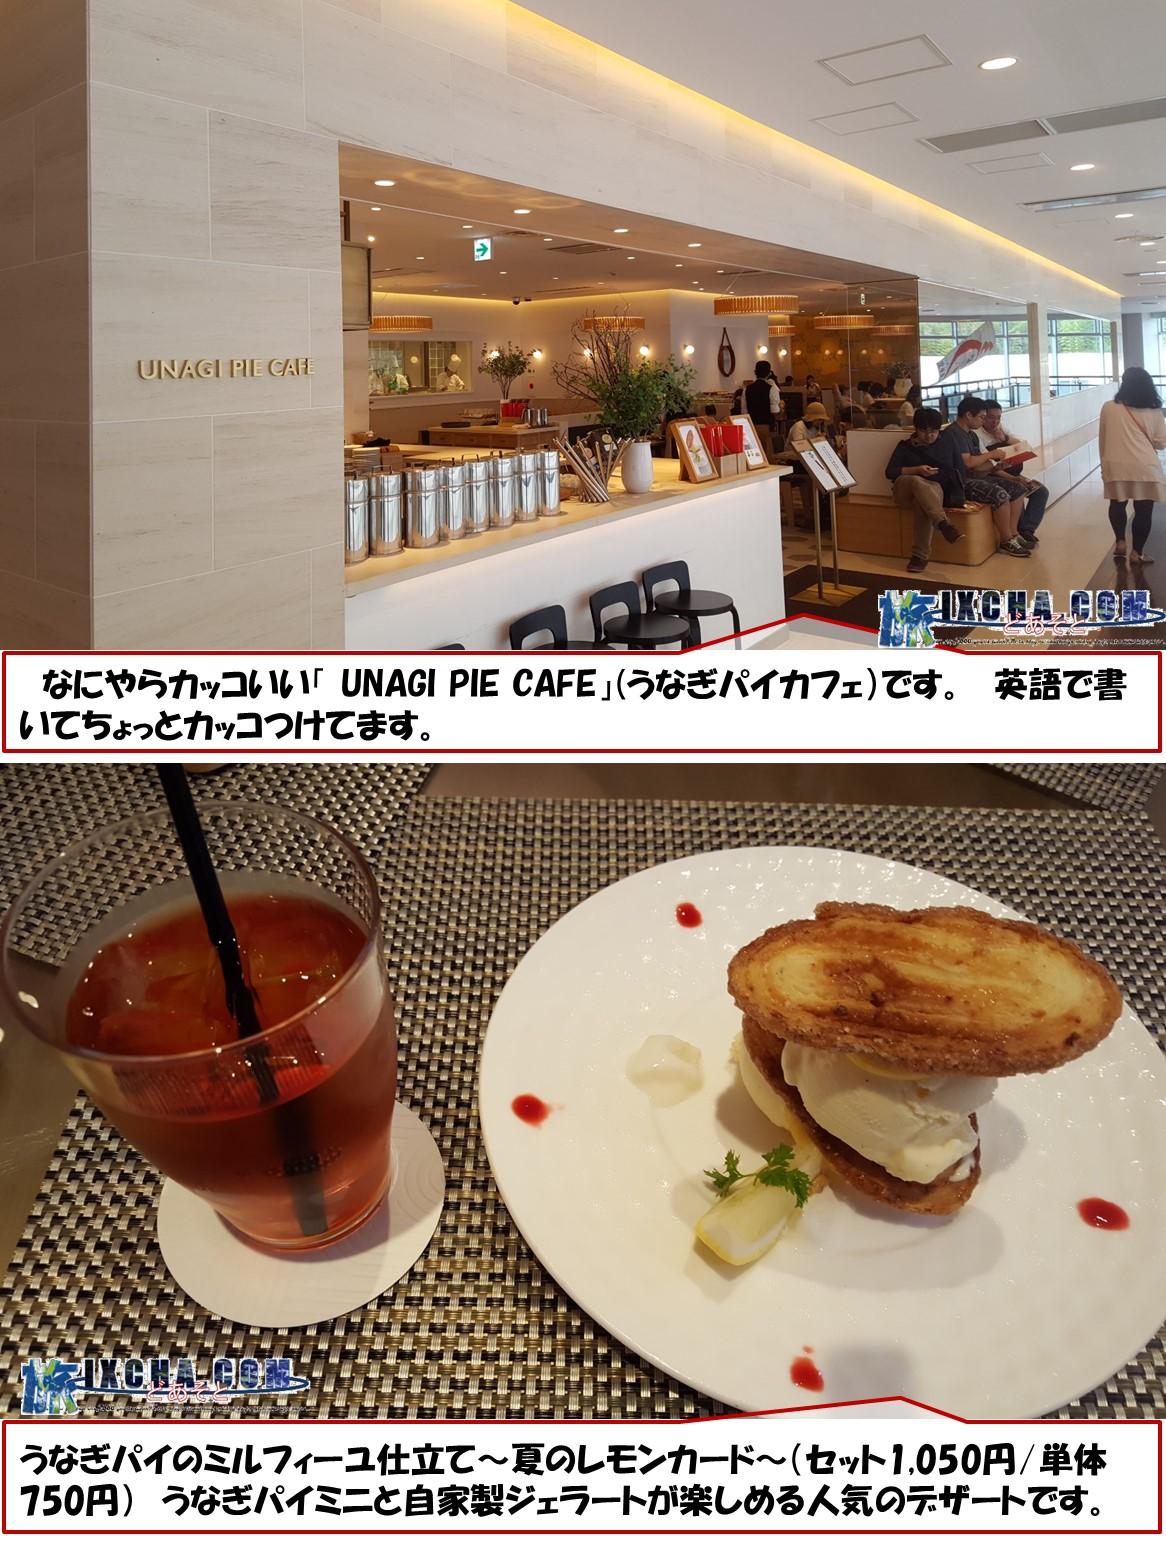 なにやらカッコいい「 UNAGI PIE CAFE」(うなぎパイカフェ)です。 英語で書いてちょっとカッコつけてます。 うなぎパイのミルフィーユ仕立て~夏のレモンカード~(セット1,050円/単体750円) うなぎパイミニと自家製ジェラートが楽しめる人気のデザートです。